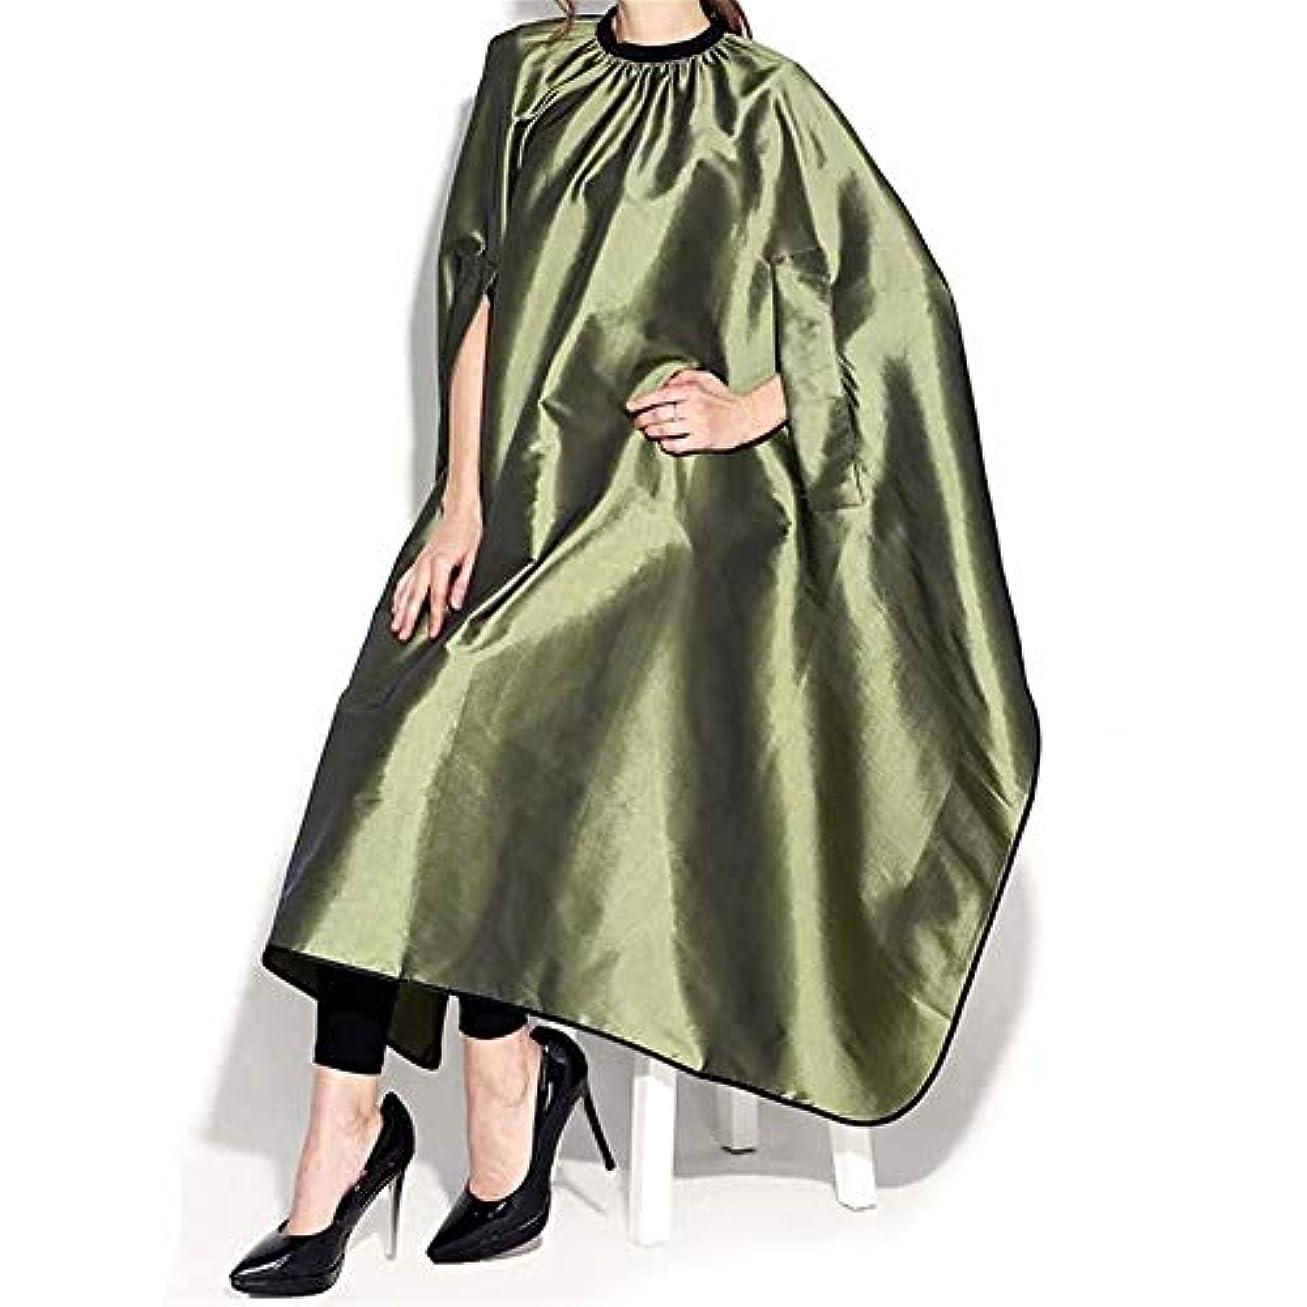 蒸留するむしろ能力HIZLJJ 理髪理髪ガウン防水サロンケープ散髪エプロン髪カット染めスタイリング布 (Color : Green)